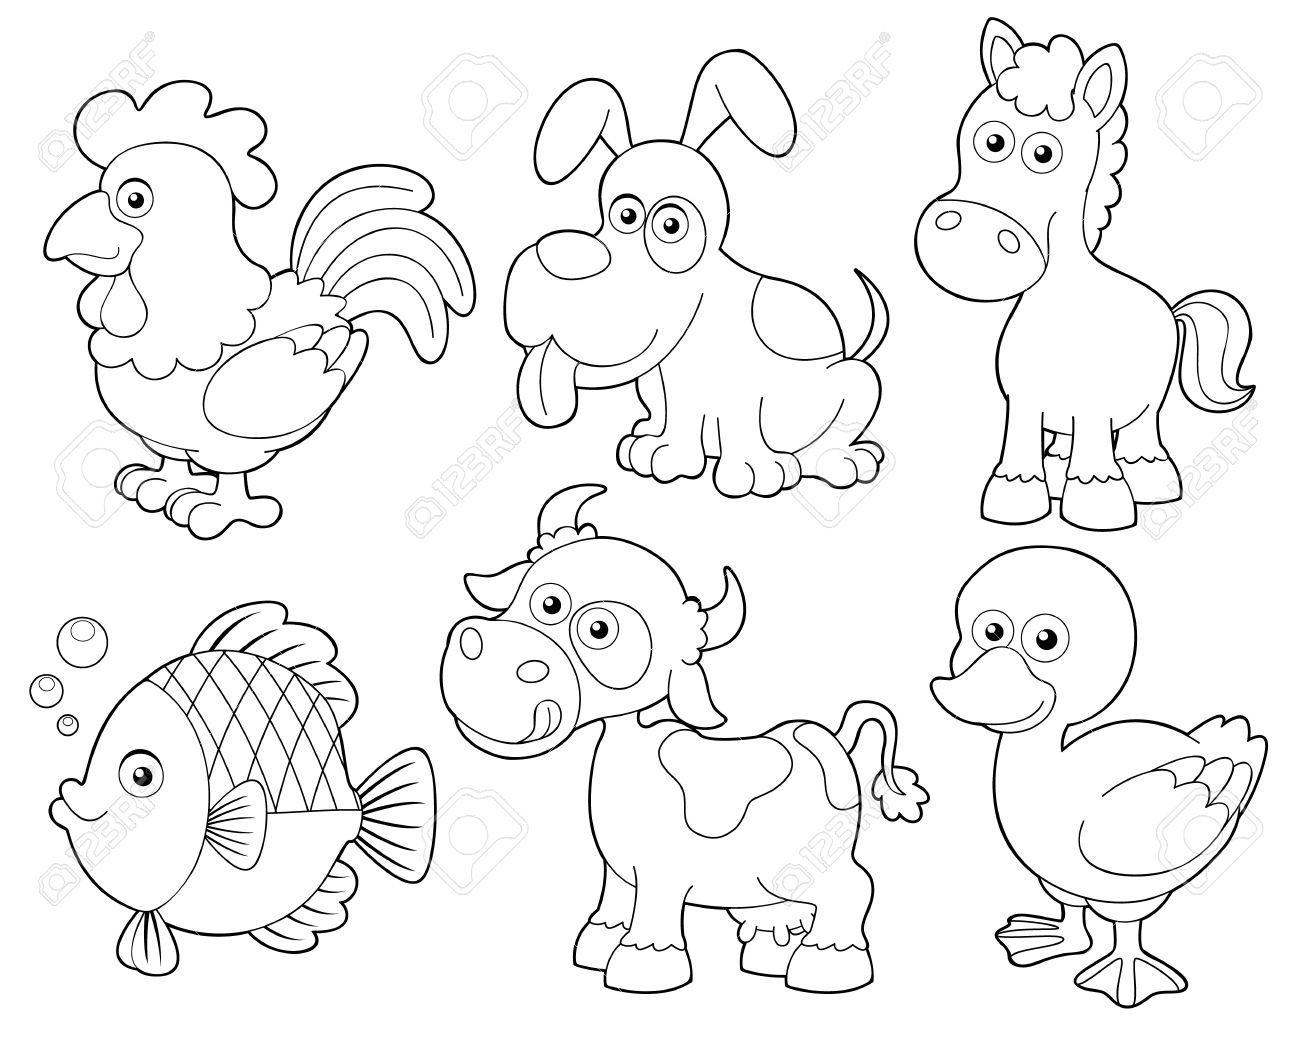 Ilustración De La Granja De Animales Para Colorear Libro De Dibujos Animados